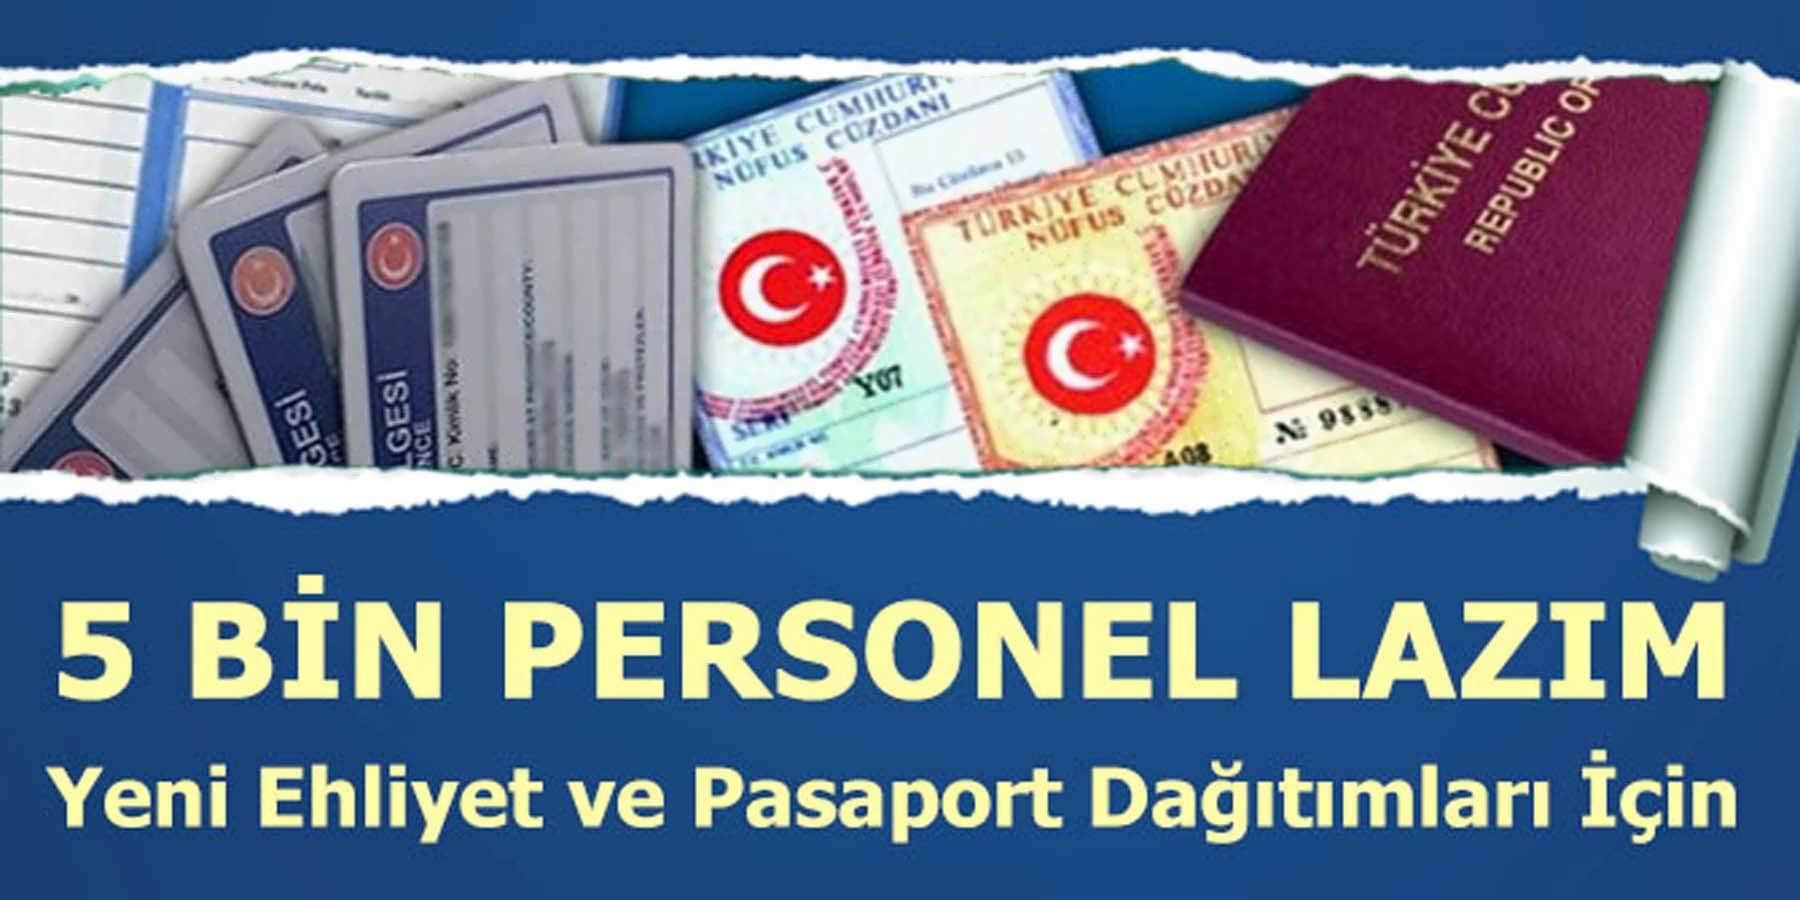 Yeni Ehliyet ve Pasaport Dağıtımları İçin 5 Bin Personel Lazım